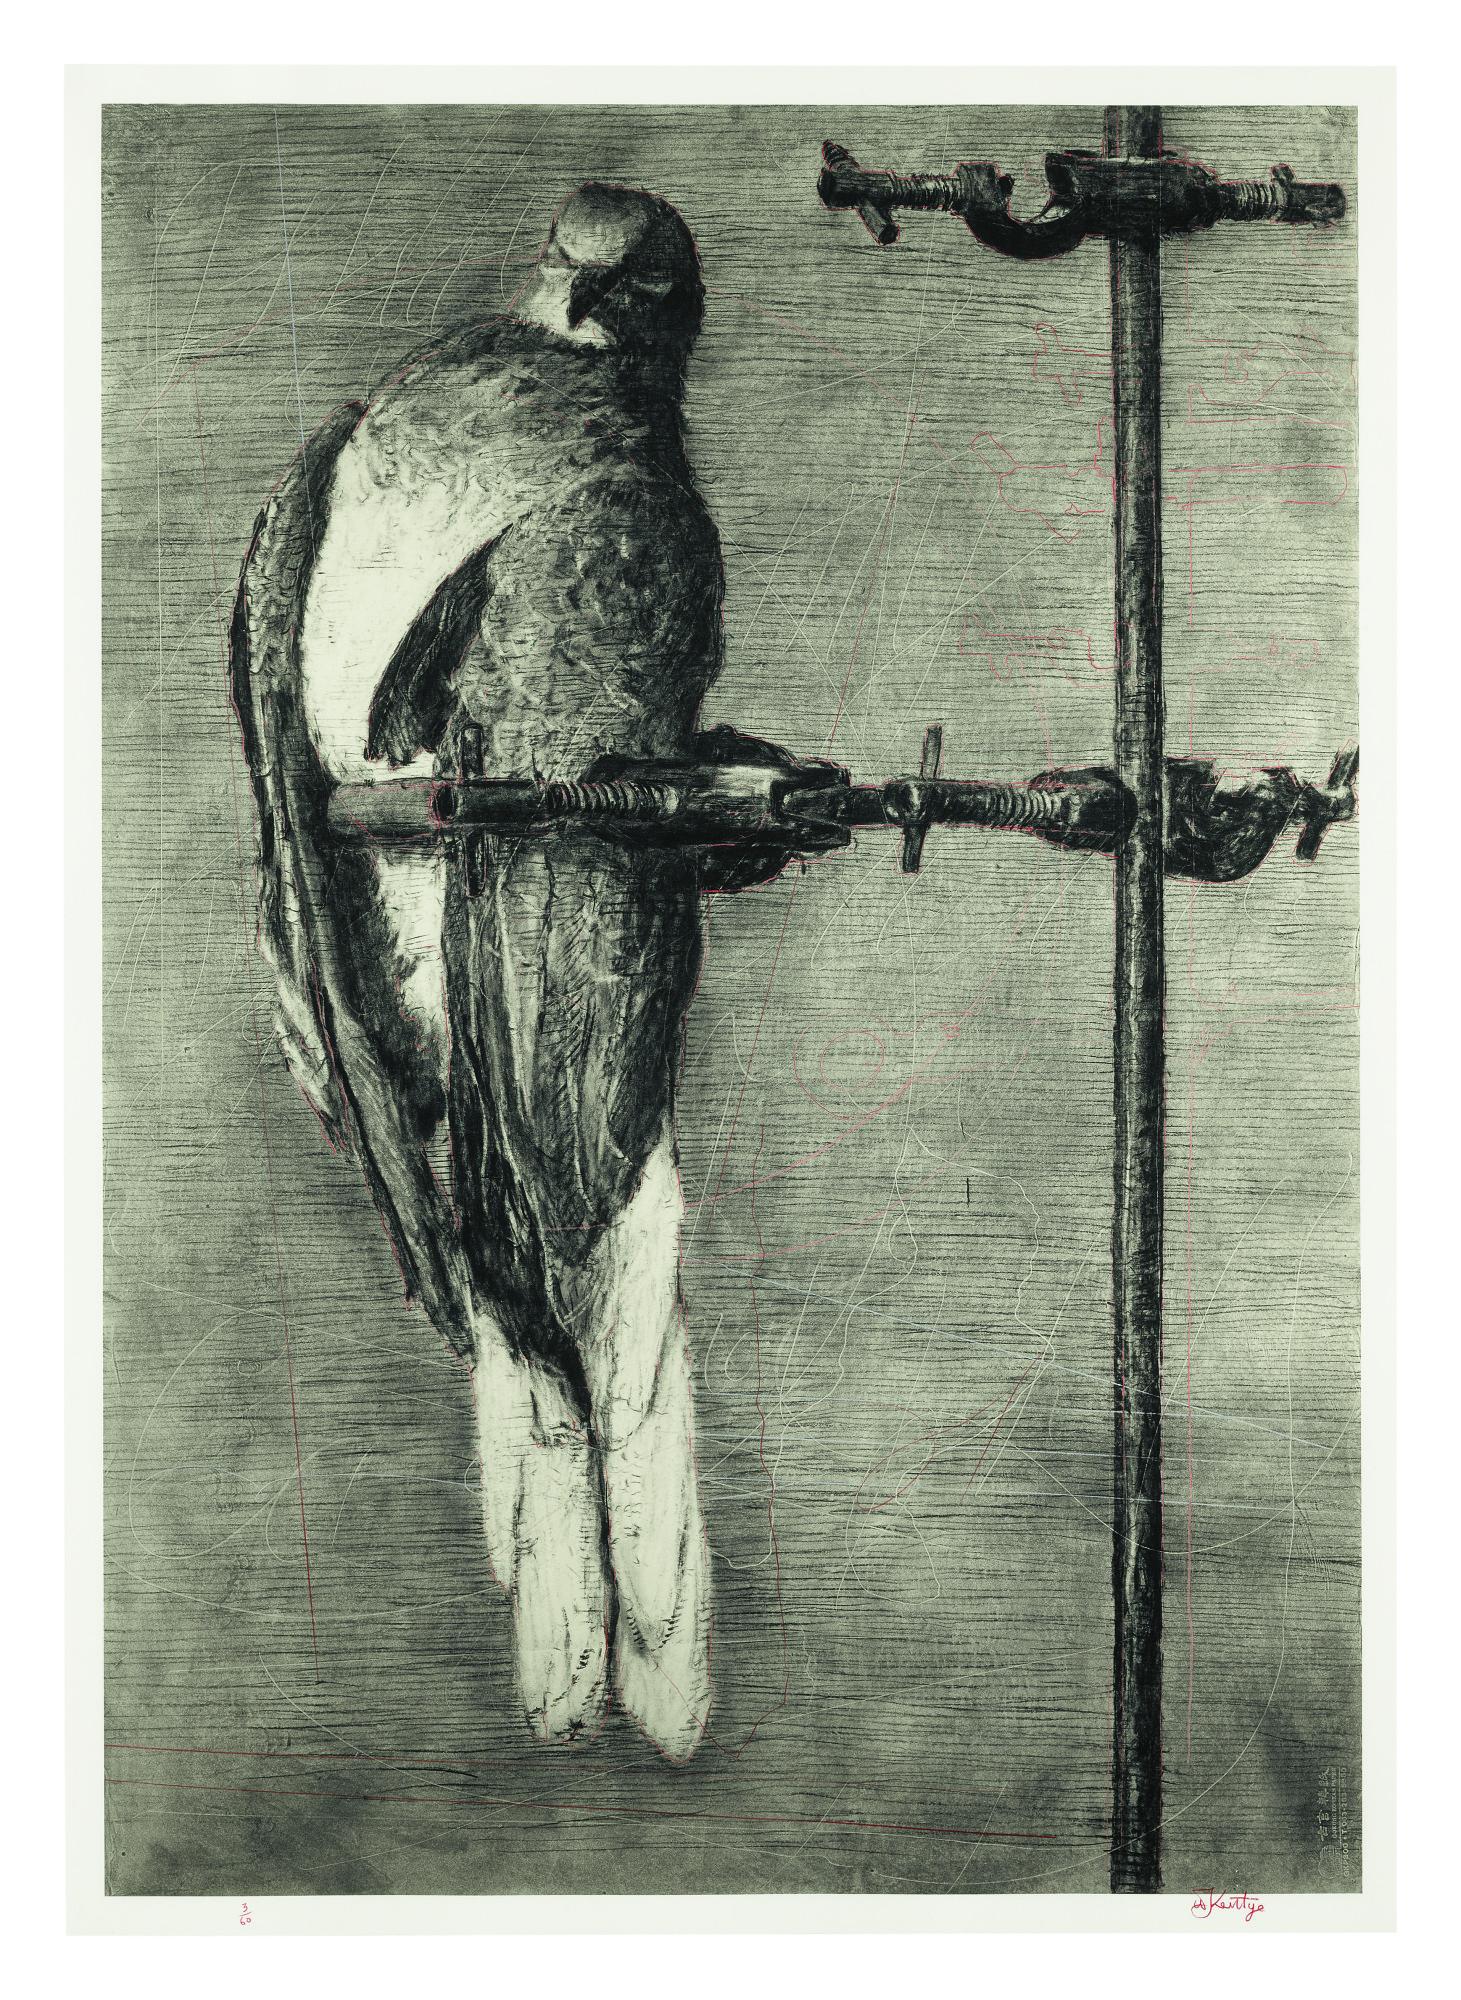 WILLIAM KENTRIDGE | BIRD CATCHER